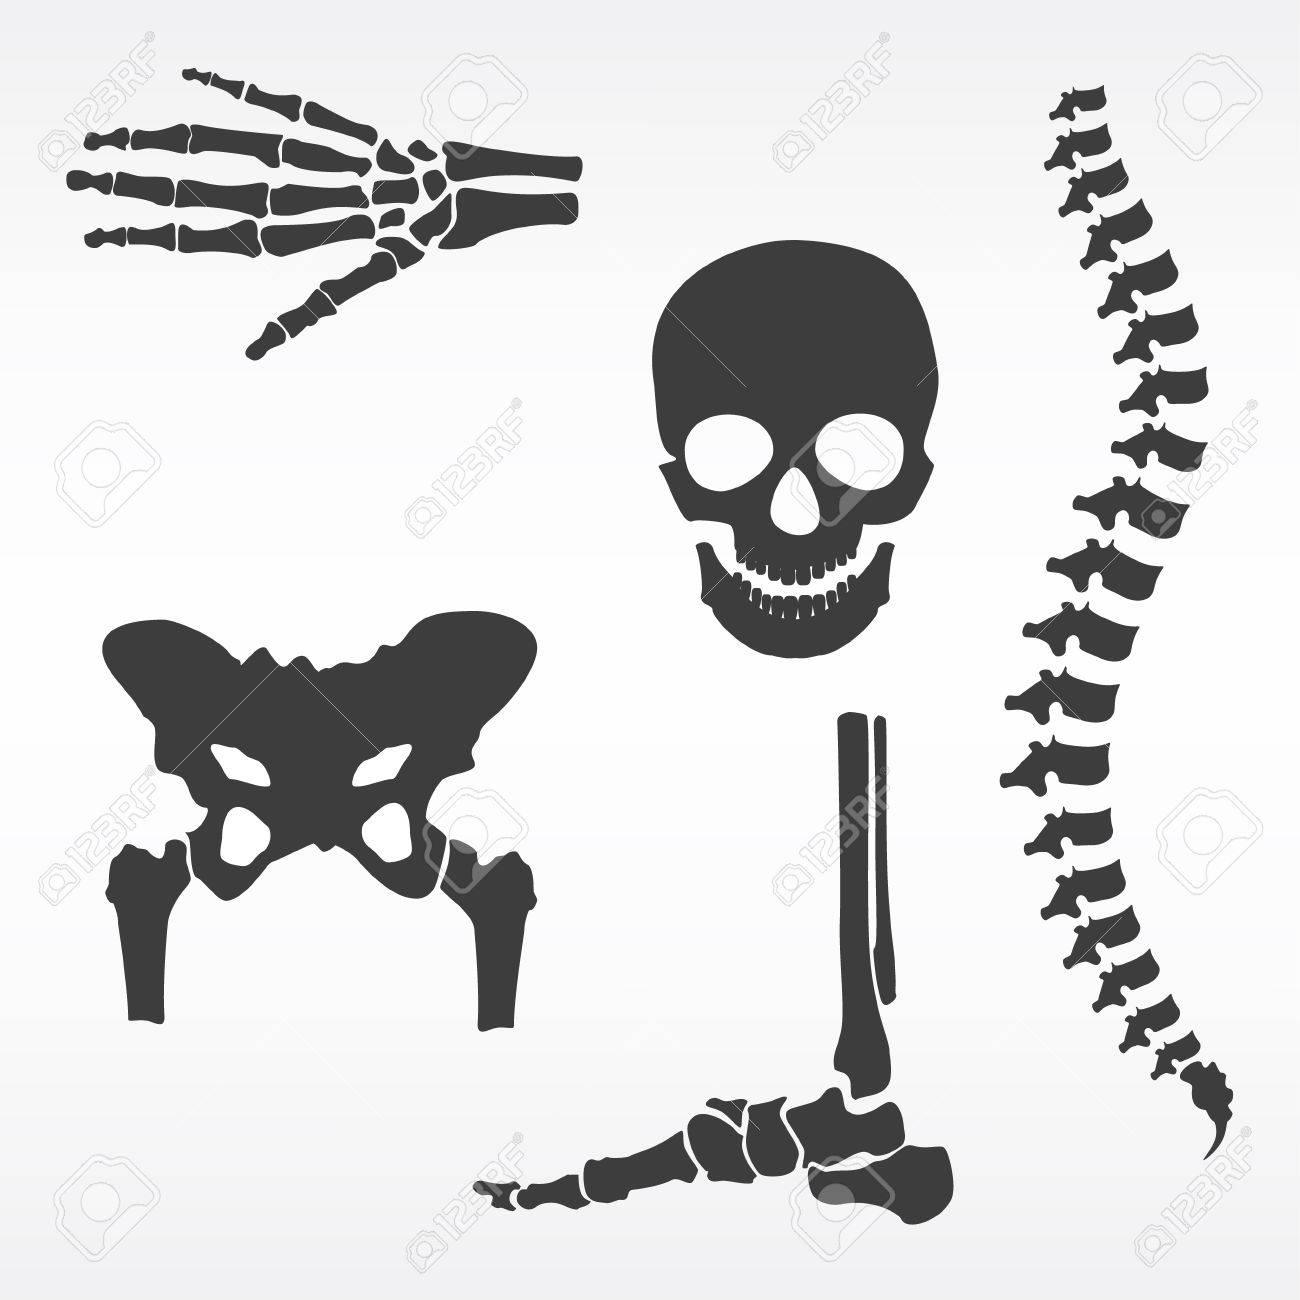 Rasterillustrationsteile Des Menschlichen Skeletts. Menschliche ...